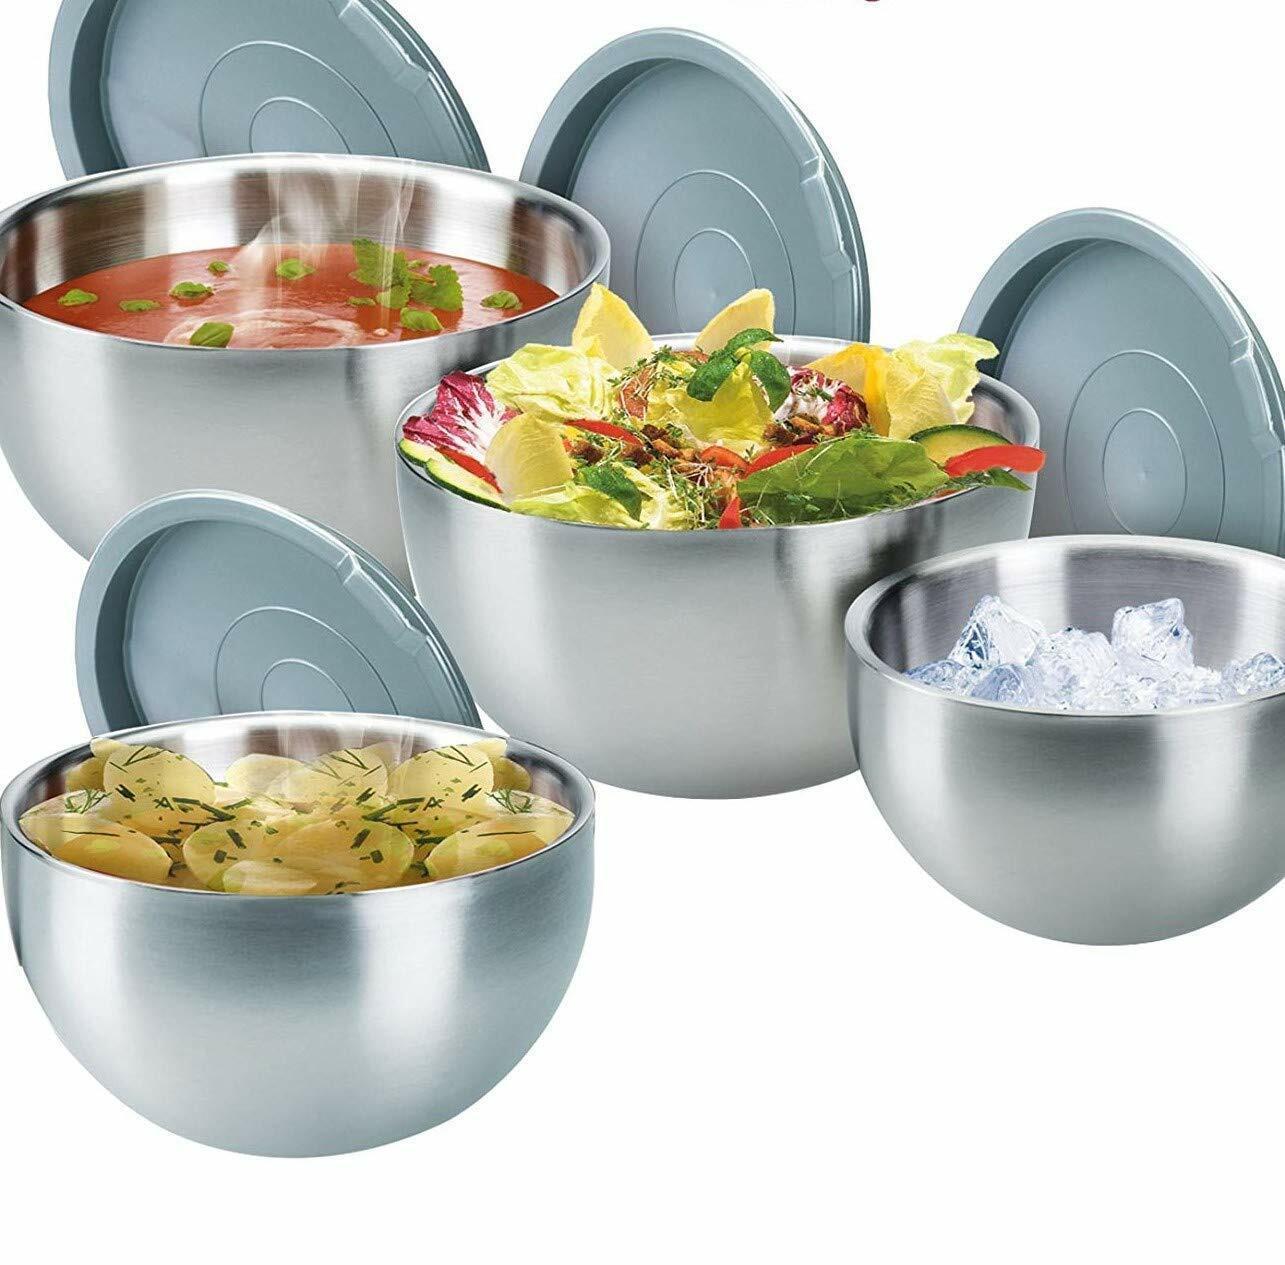 Thermoschüssel, Isolierschüssel  Edelstahl mit Deckel heiß und kalt 1,3 - 5,5 L